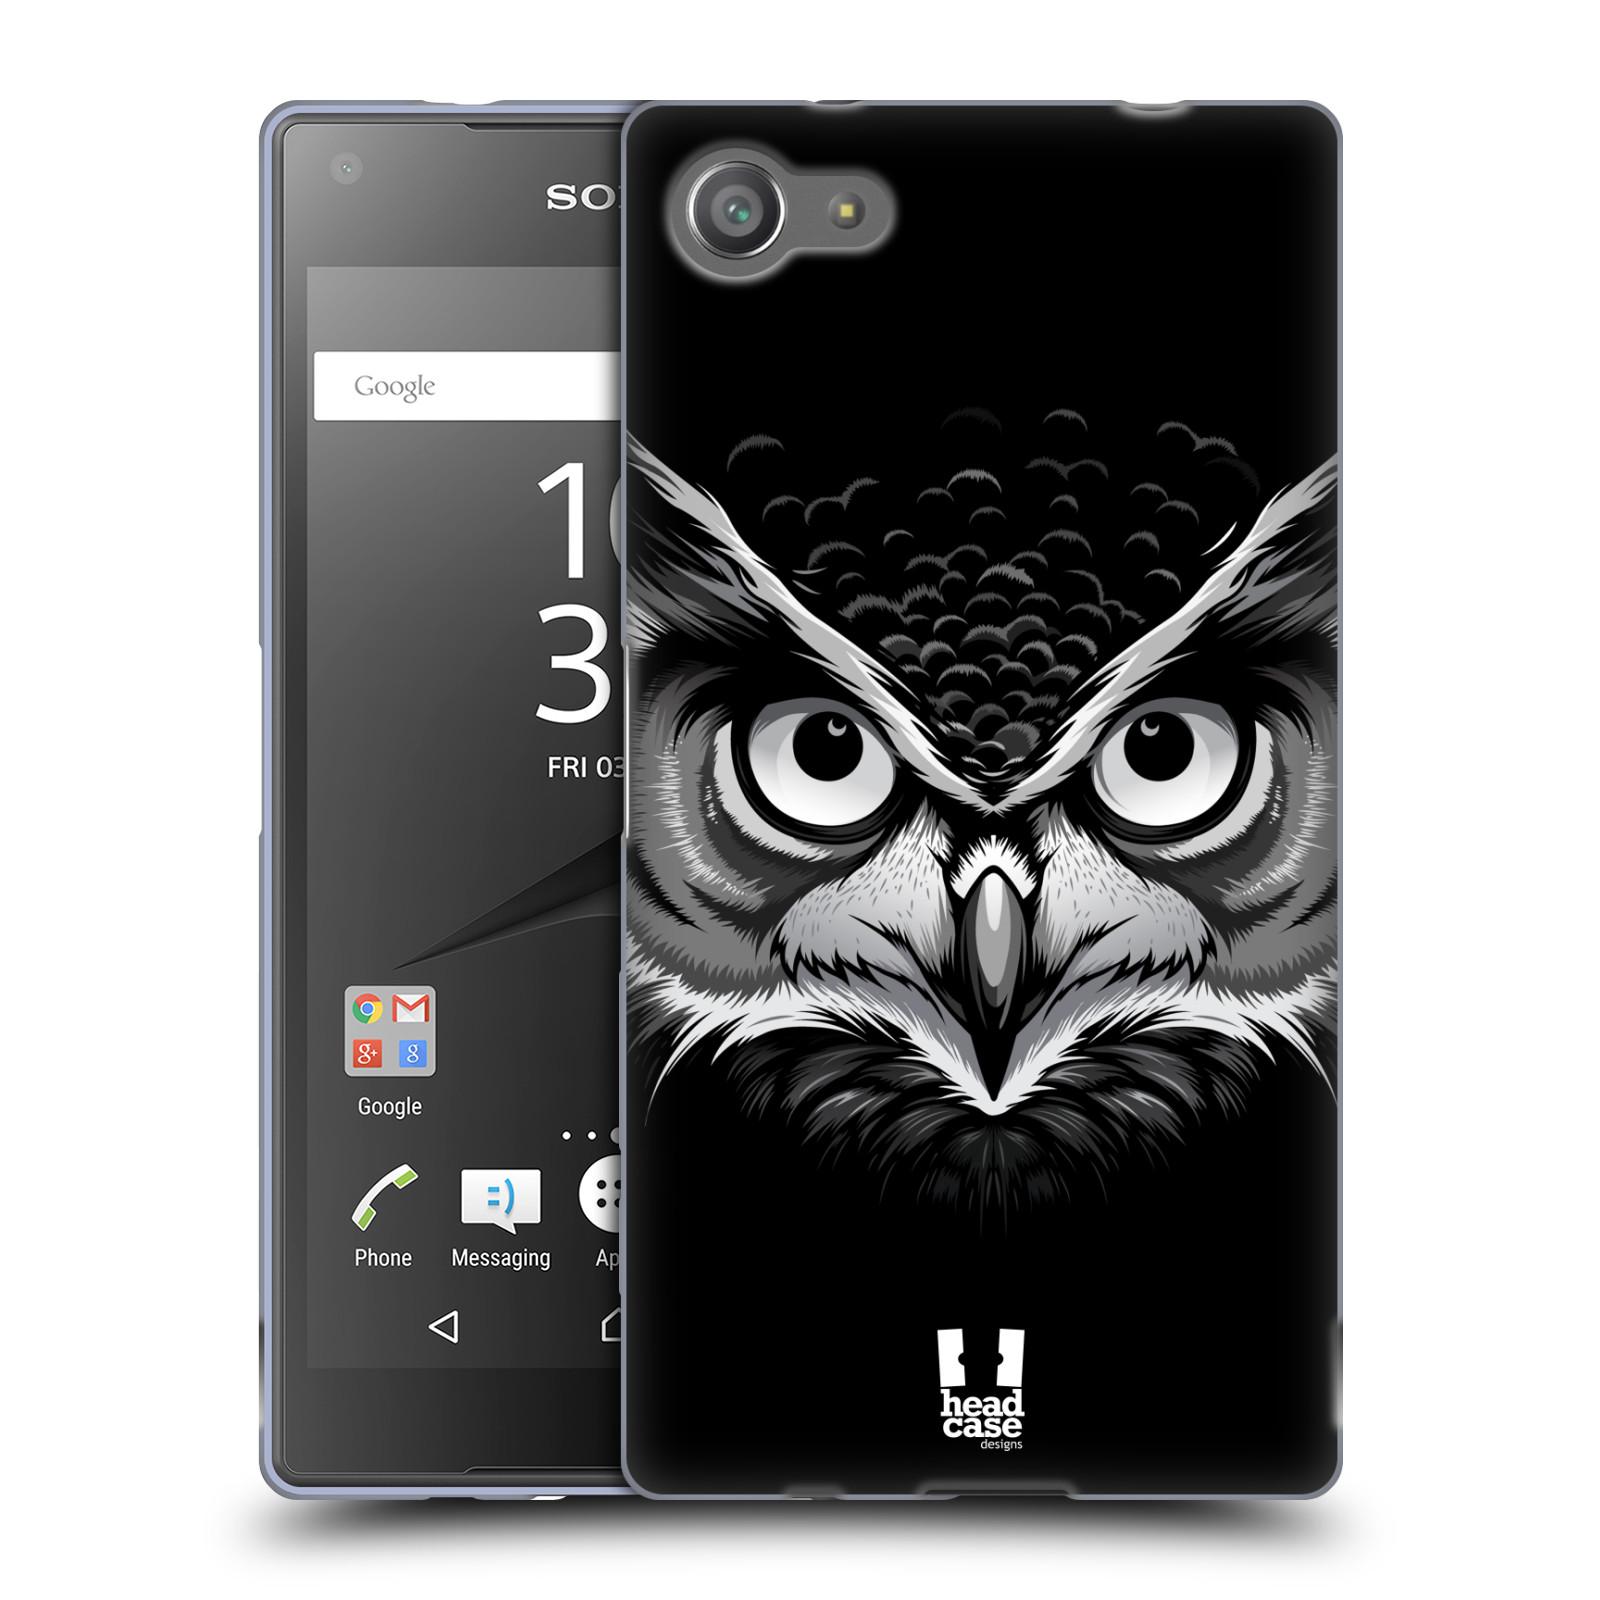 Silikonové pouzdro na mobil Sony Xperia Z5 Compact HEAD CASE ILUSTROVANÁ SOVA